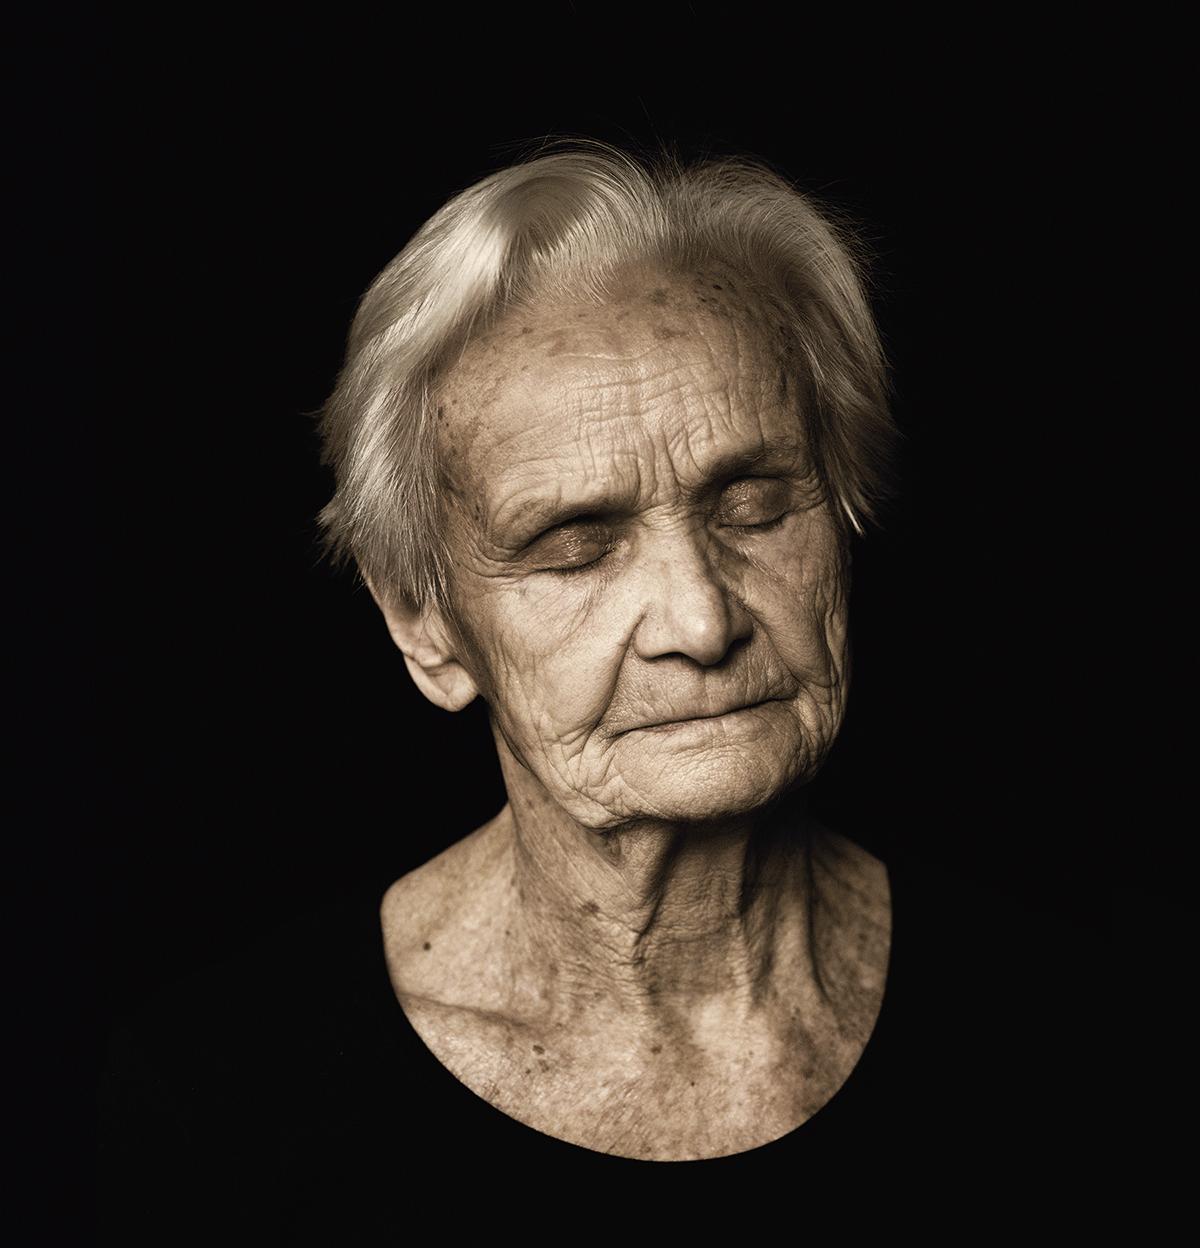 isabel-kronenberger-unknown-identity-02